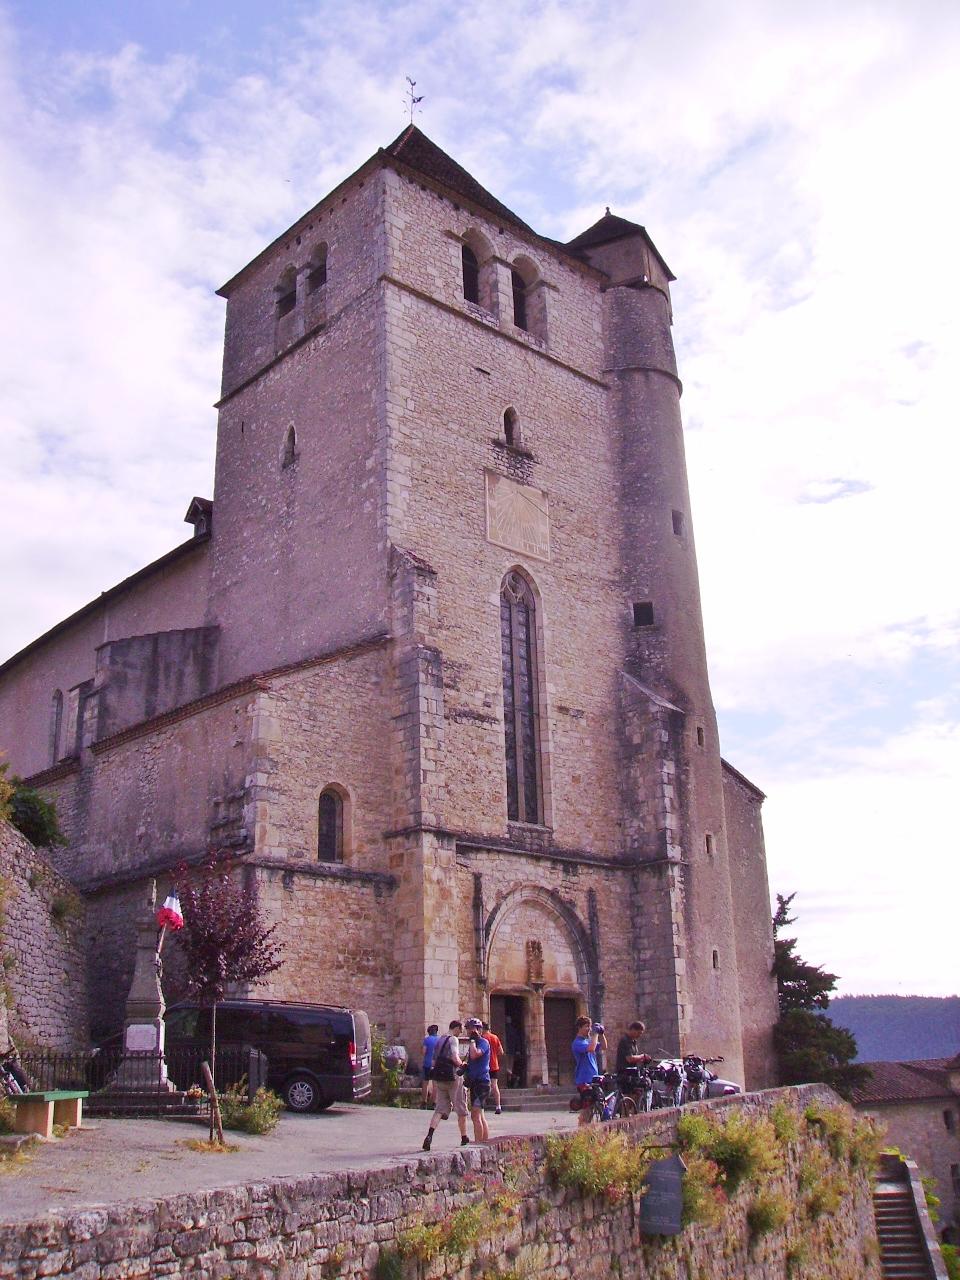 Hotel Saint Cirq Lapopie